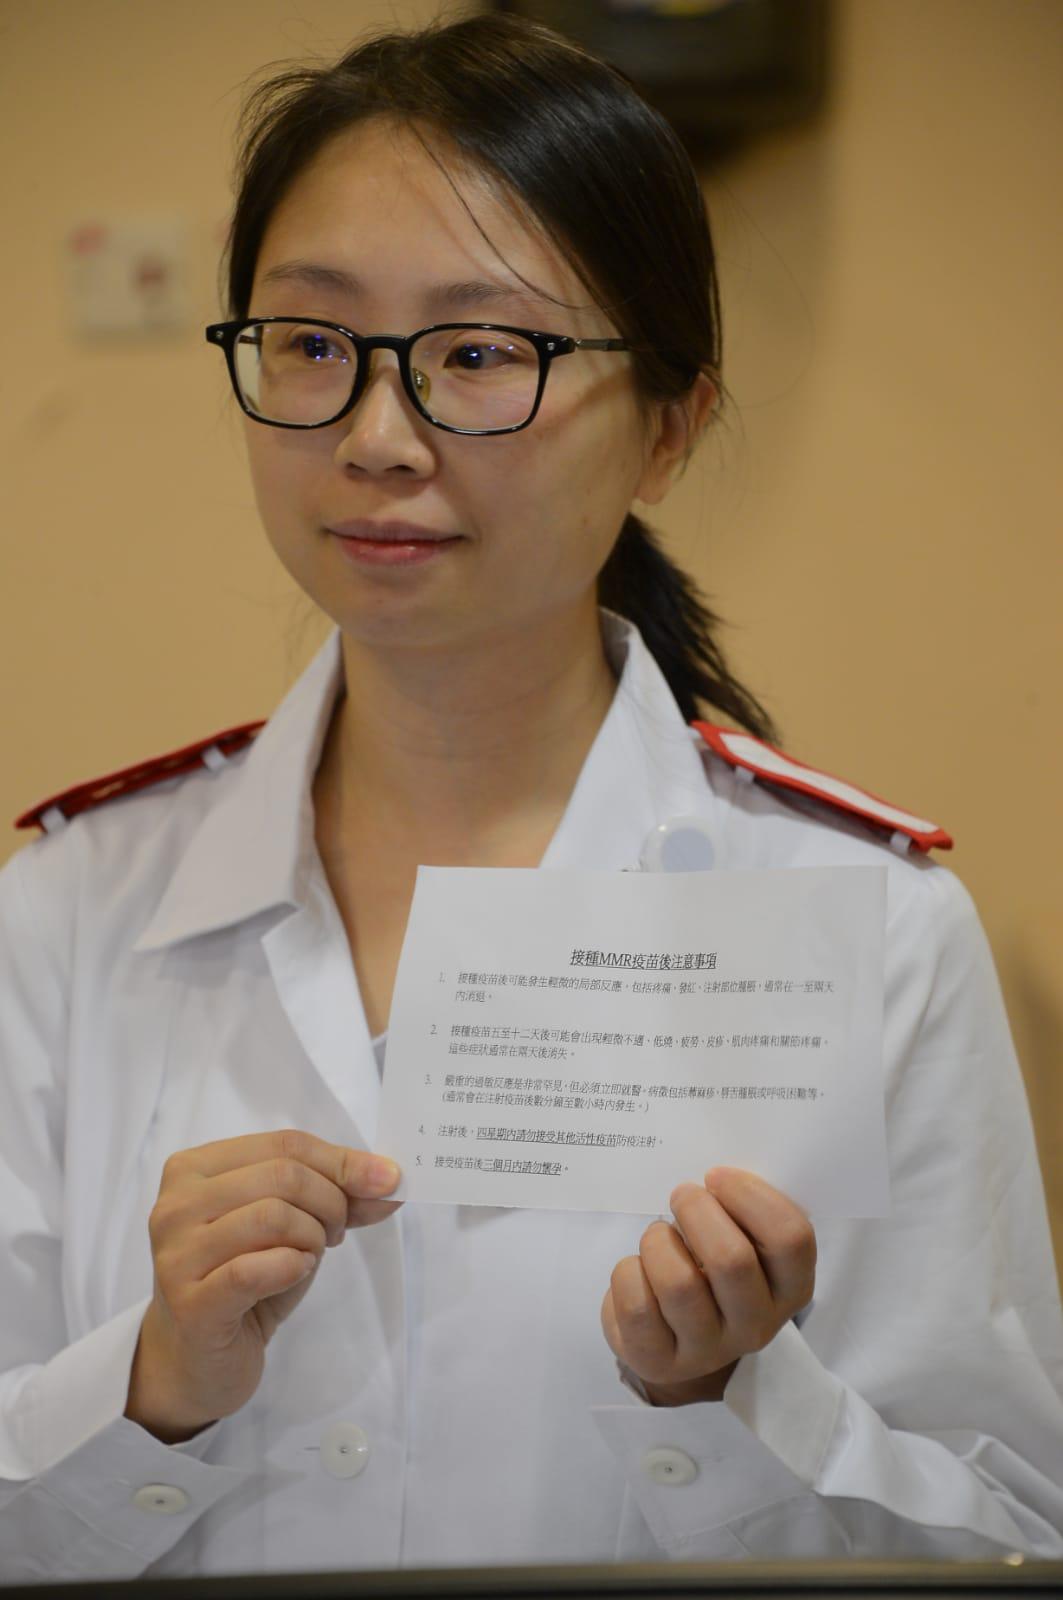 港島東聯網家庭醫學及基層醫層服務部資深護師林鴻凰。